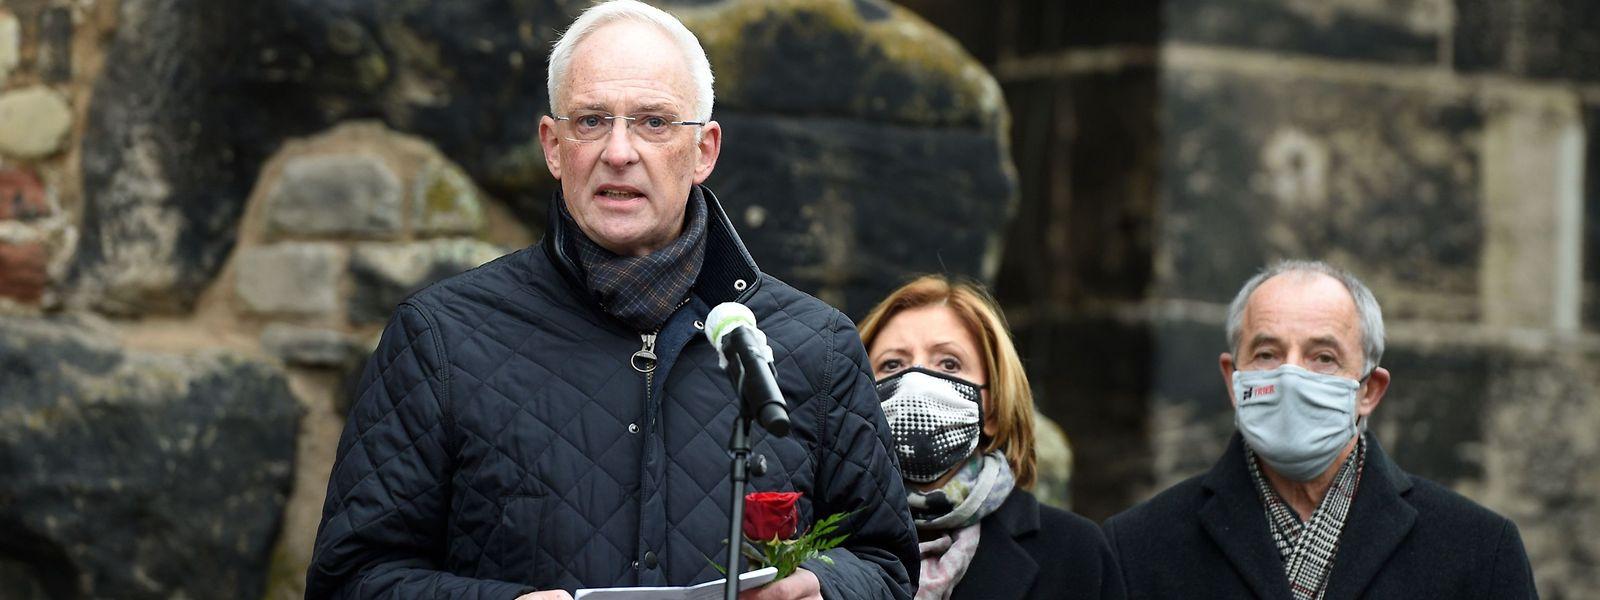 Wolfram Leibe (SPD) bei der Gedenkveranstaltung am Tag nach der Tat vor der Porta Nigra. Im HIntergund die Ministerpräsidentin von Rheinland Pfalz Malu Dreyer und Leibes Vorgänger Klaus Jensen.